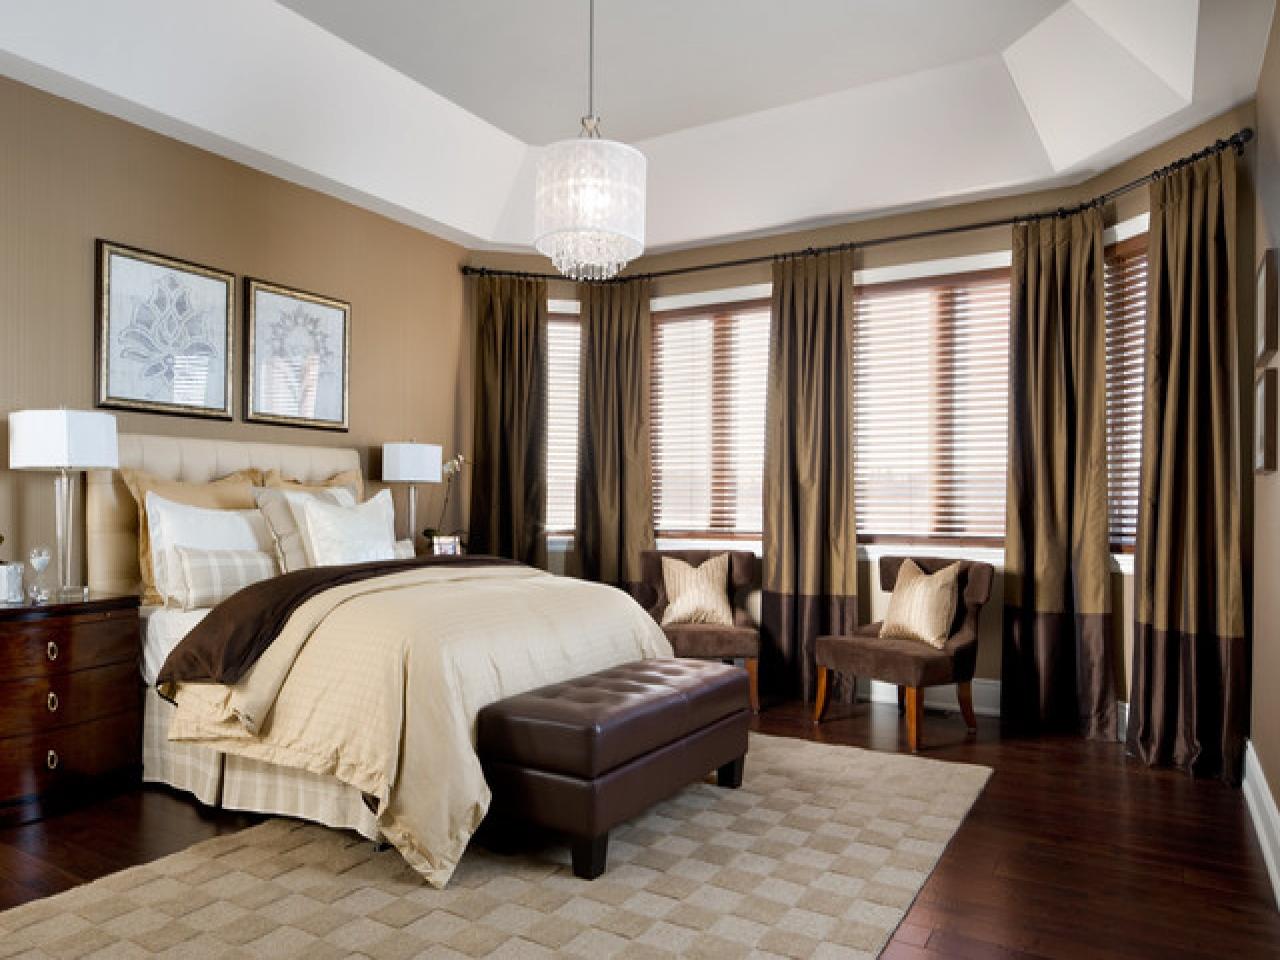 romantisk-værelses-udsmykning-ideer-traditionel-mester-værelses-design-f5b58890dd375a55